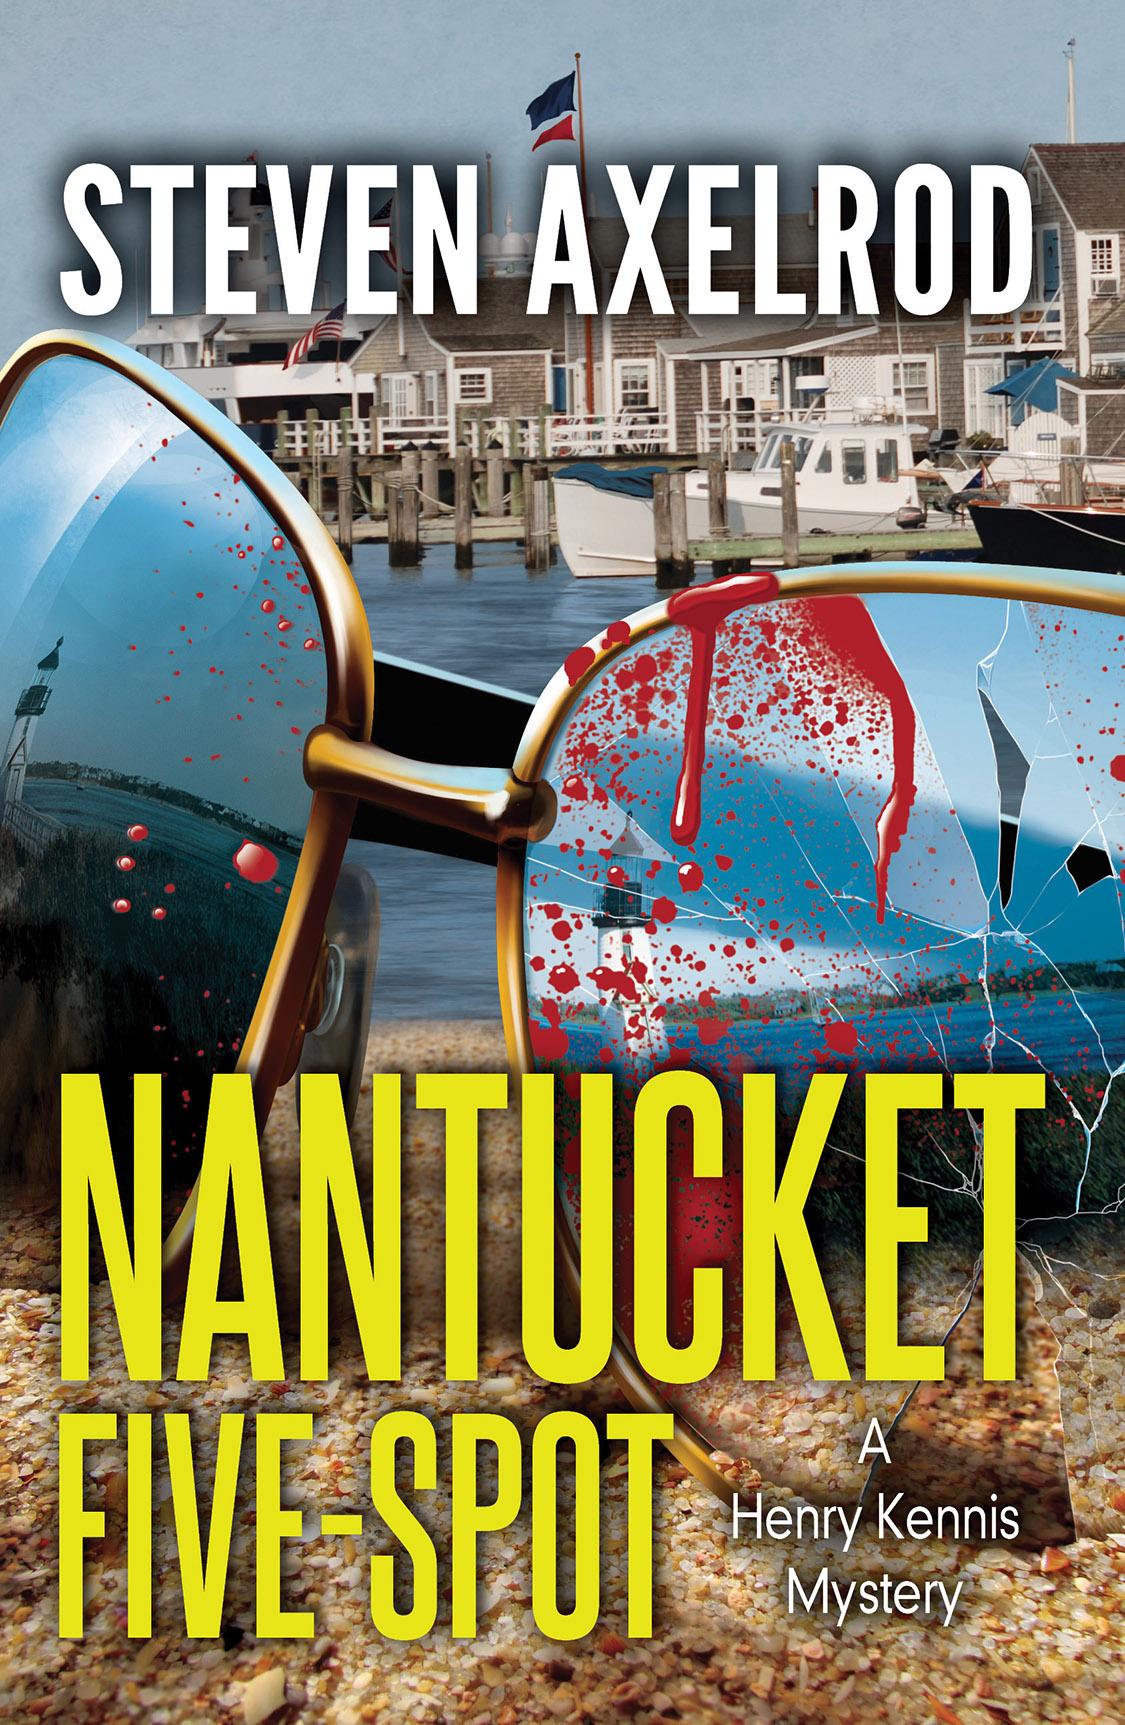 Nantucket Fivespot: A Henry Kennis Mystery